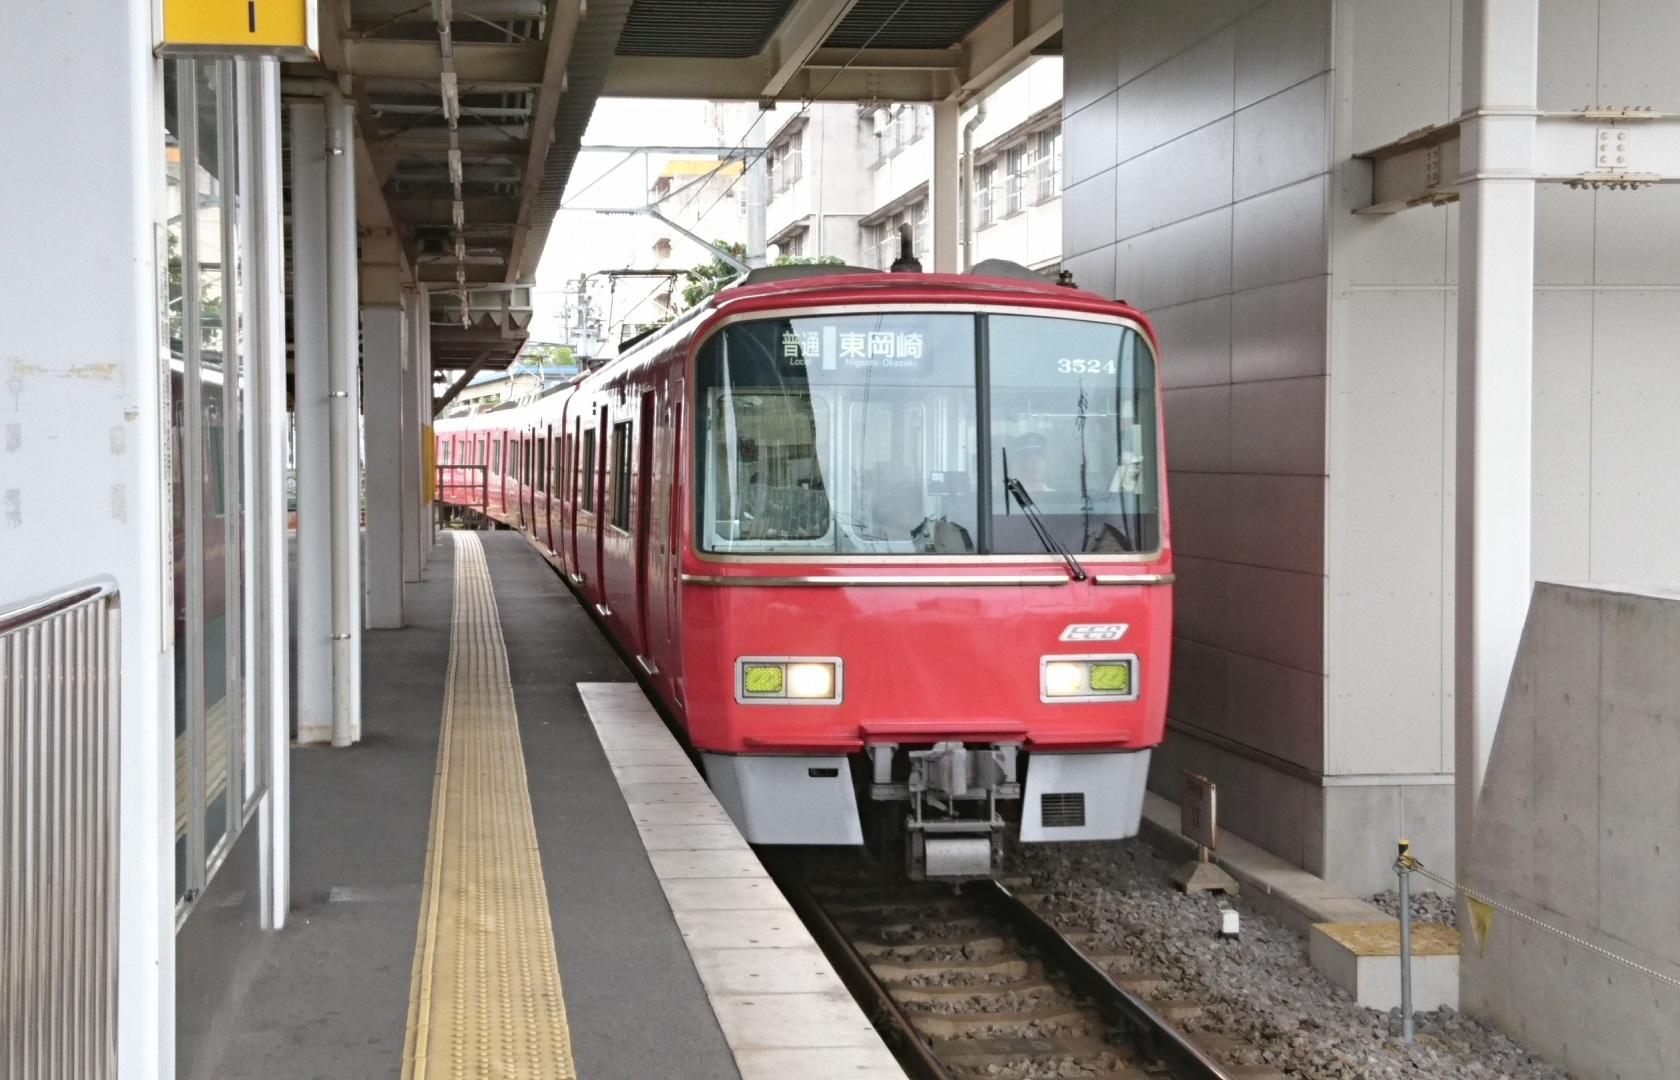 2017.7.9 名鉄 (4) しんあんじょう - 東岡崎いきふつう 1680-1080